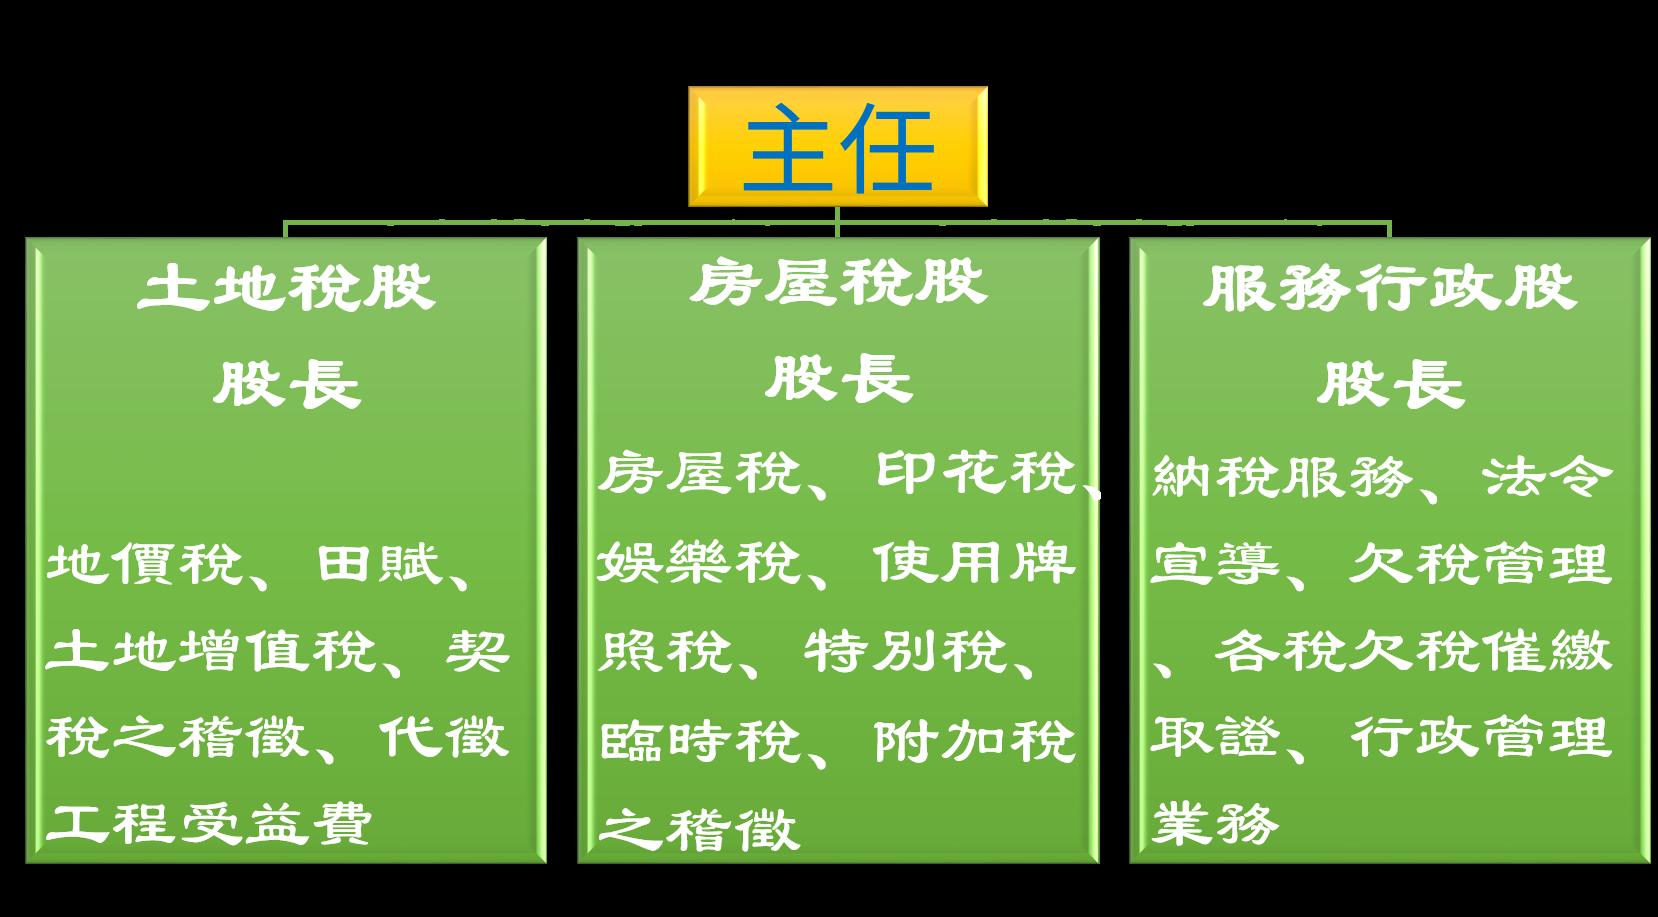 大溪分局業務組織圖